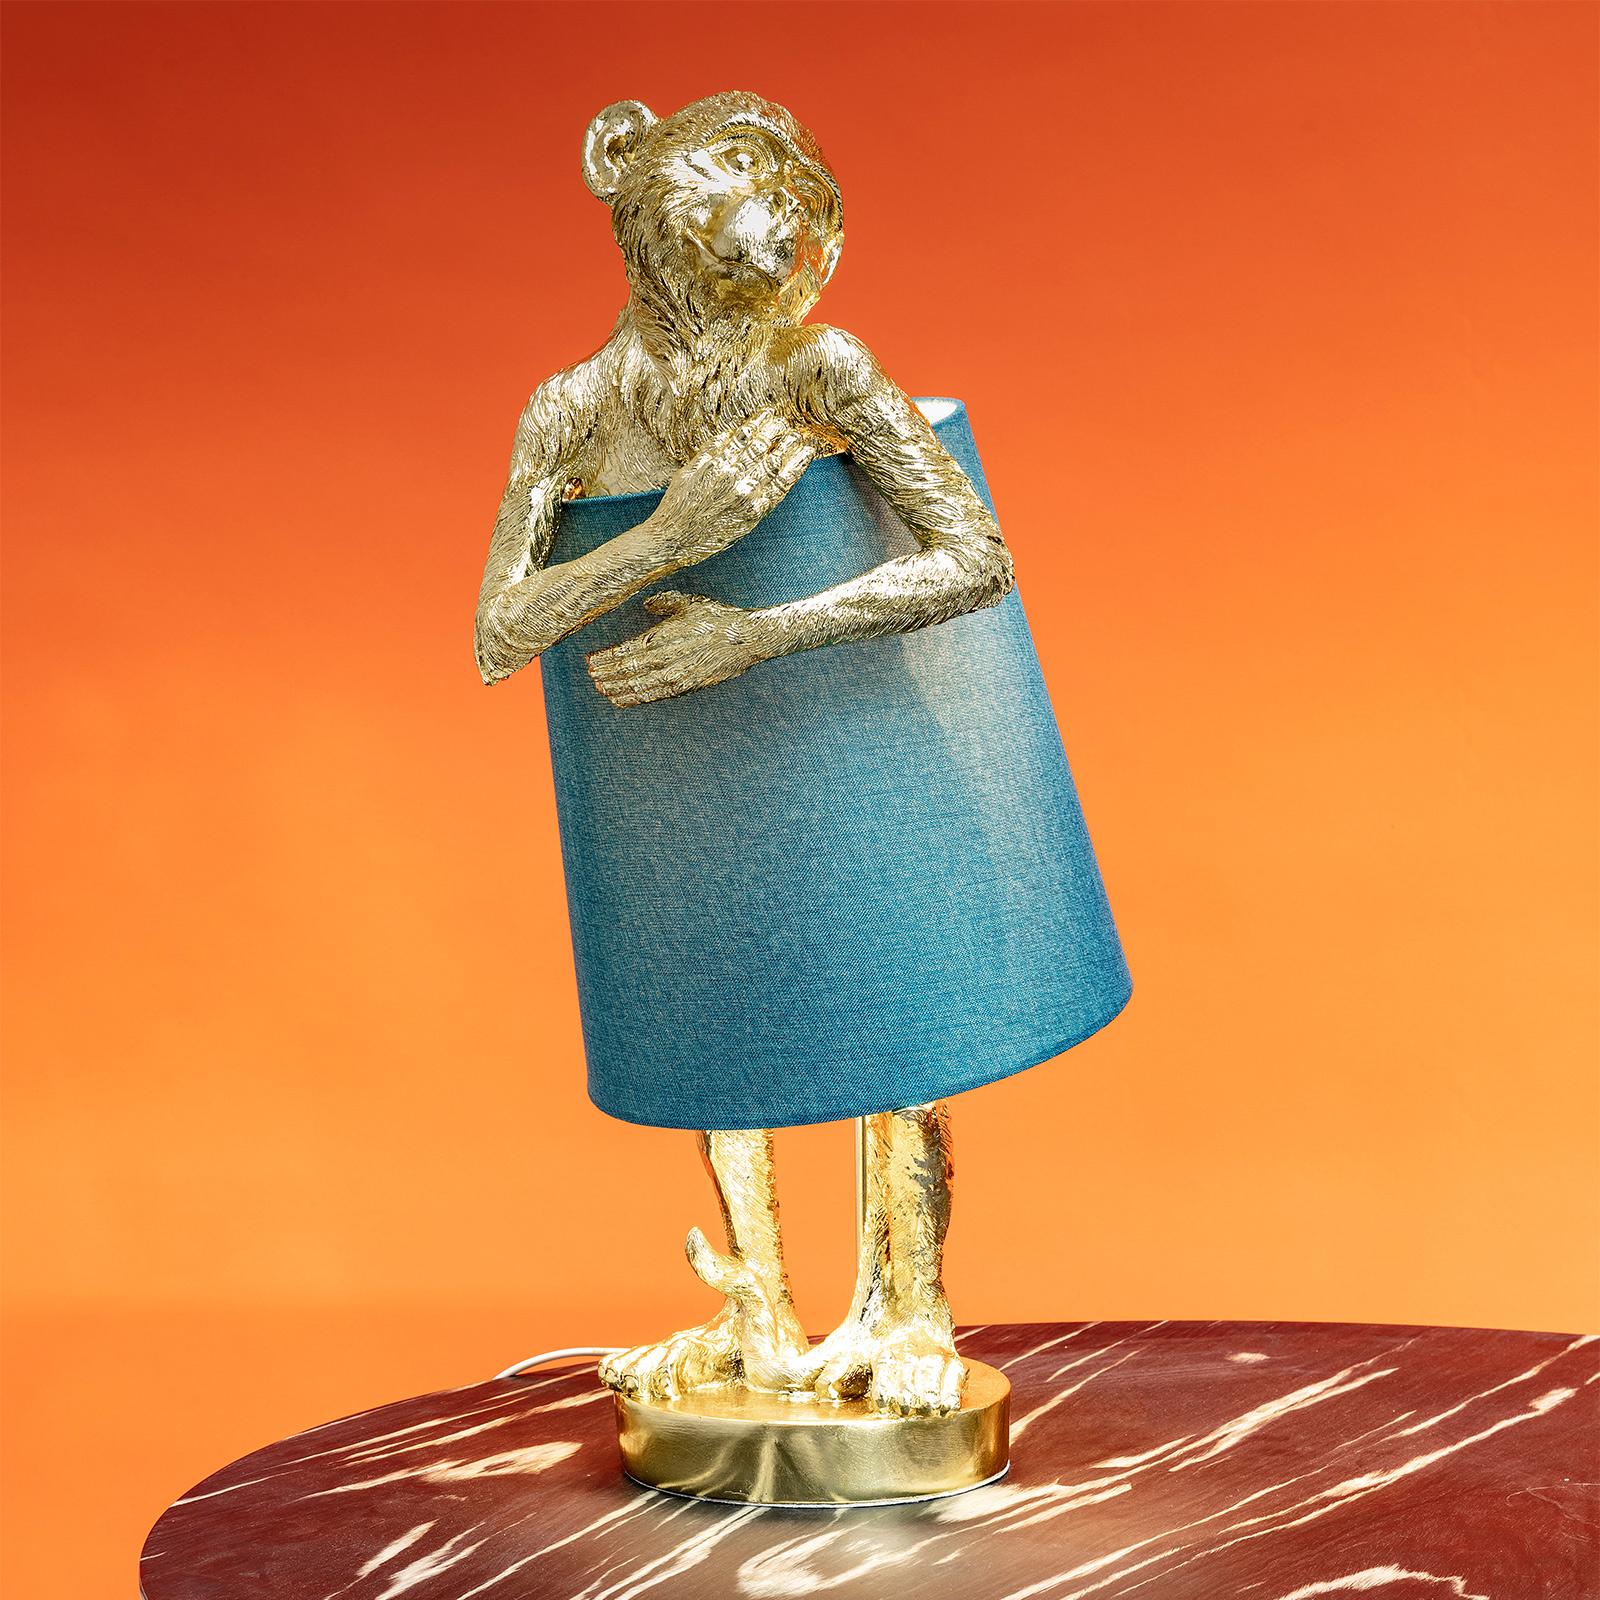 KARE Animal Monkey Tischleuchte gold/blau